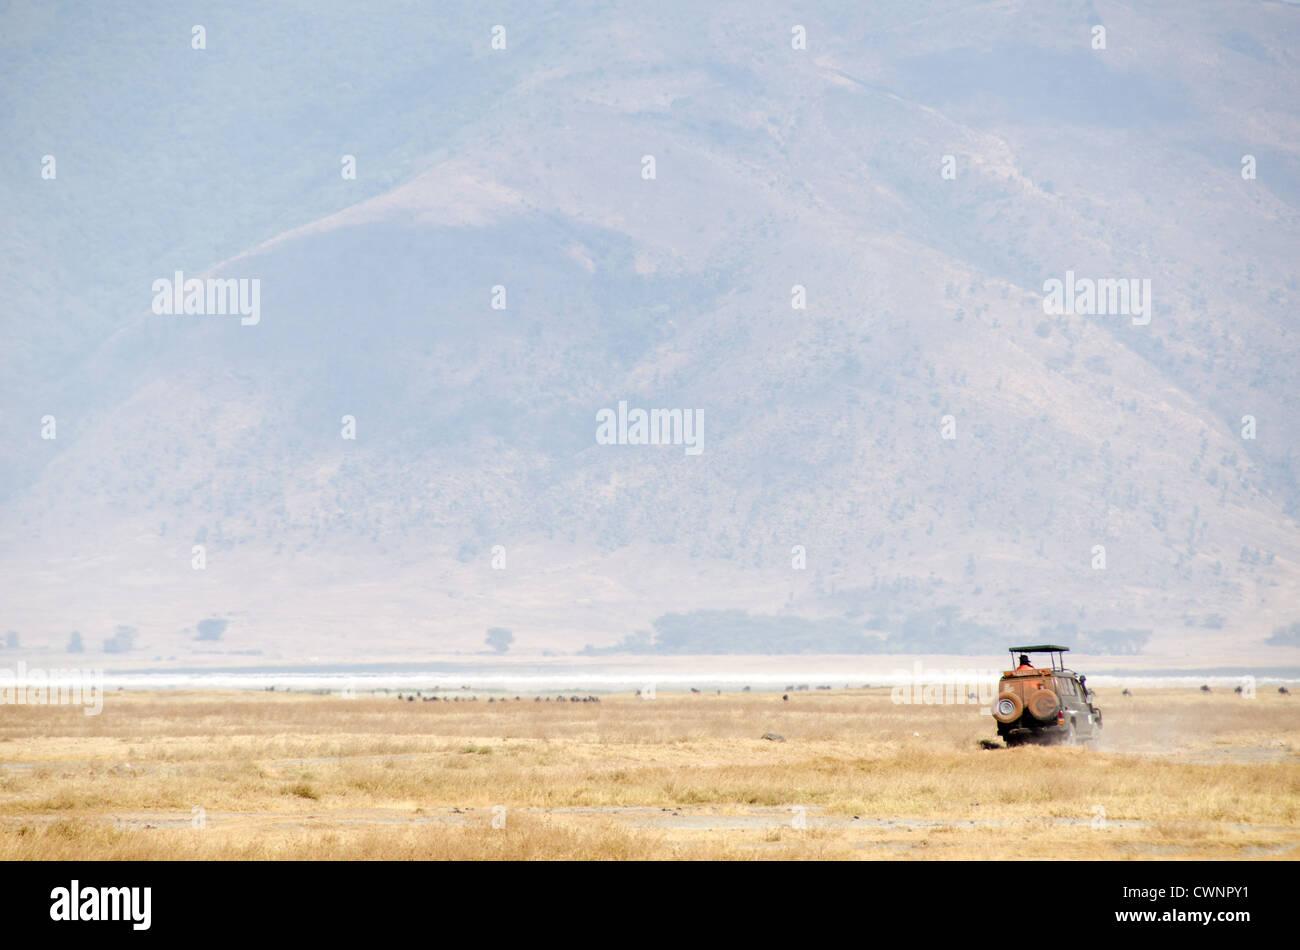 Zone de conservation de Ngorongoro, en Tanzanie - safari d'un véhicule sur la plaine de la Ngorongoro Crater Photo Stock